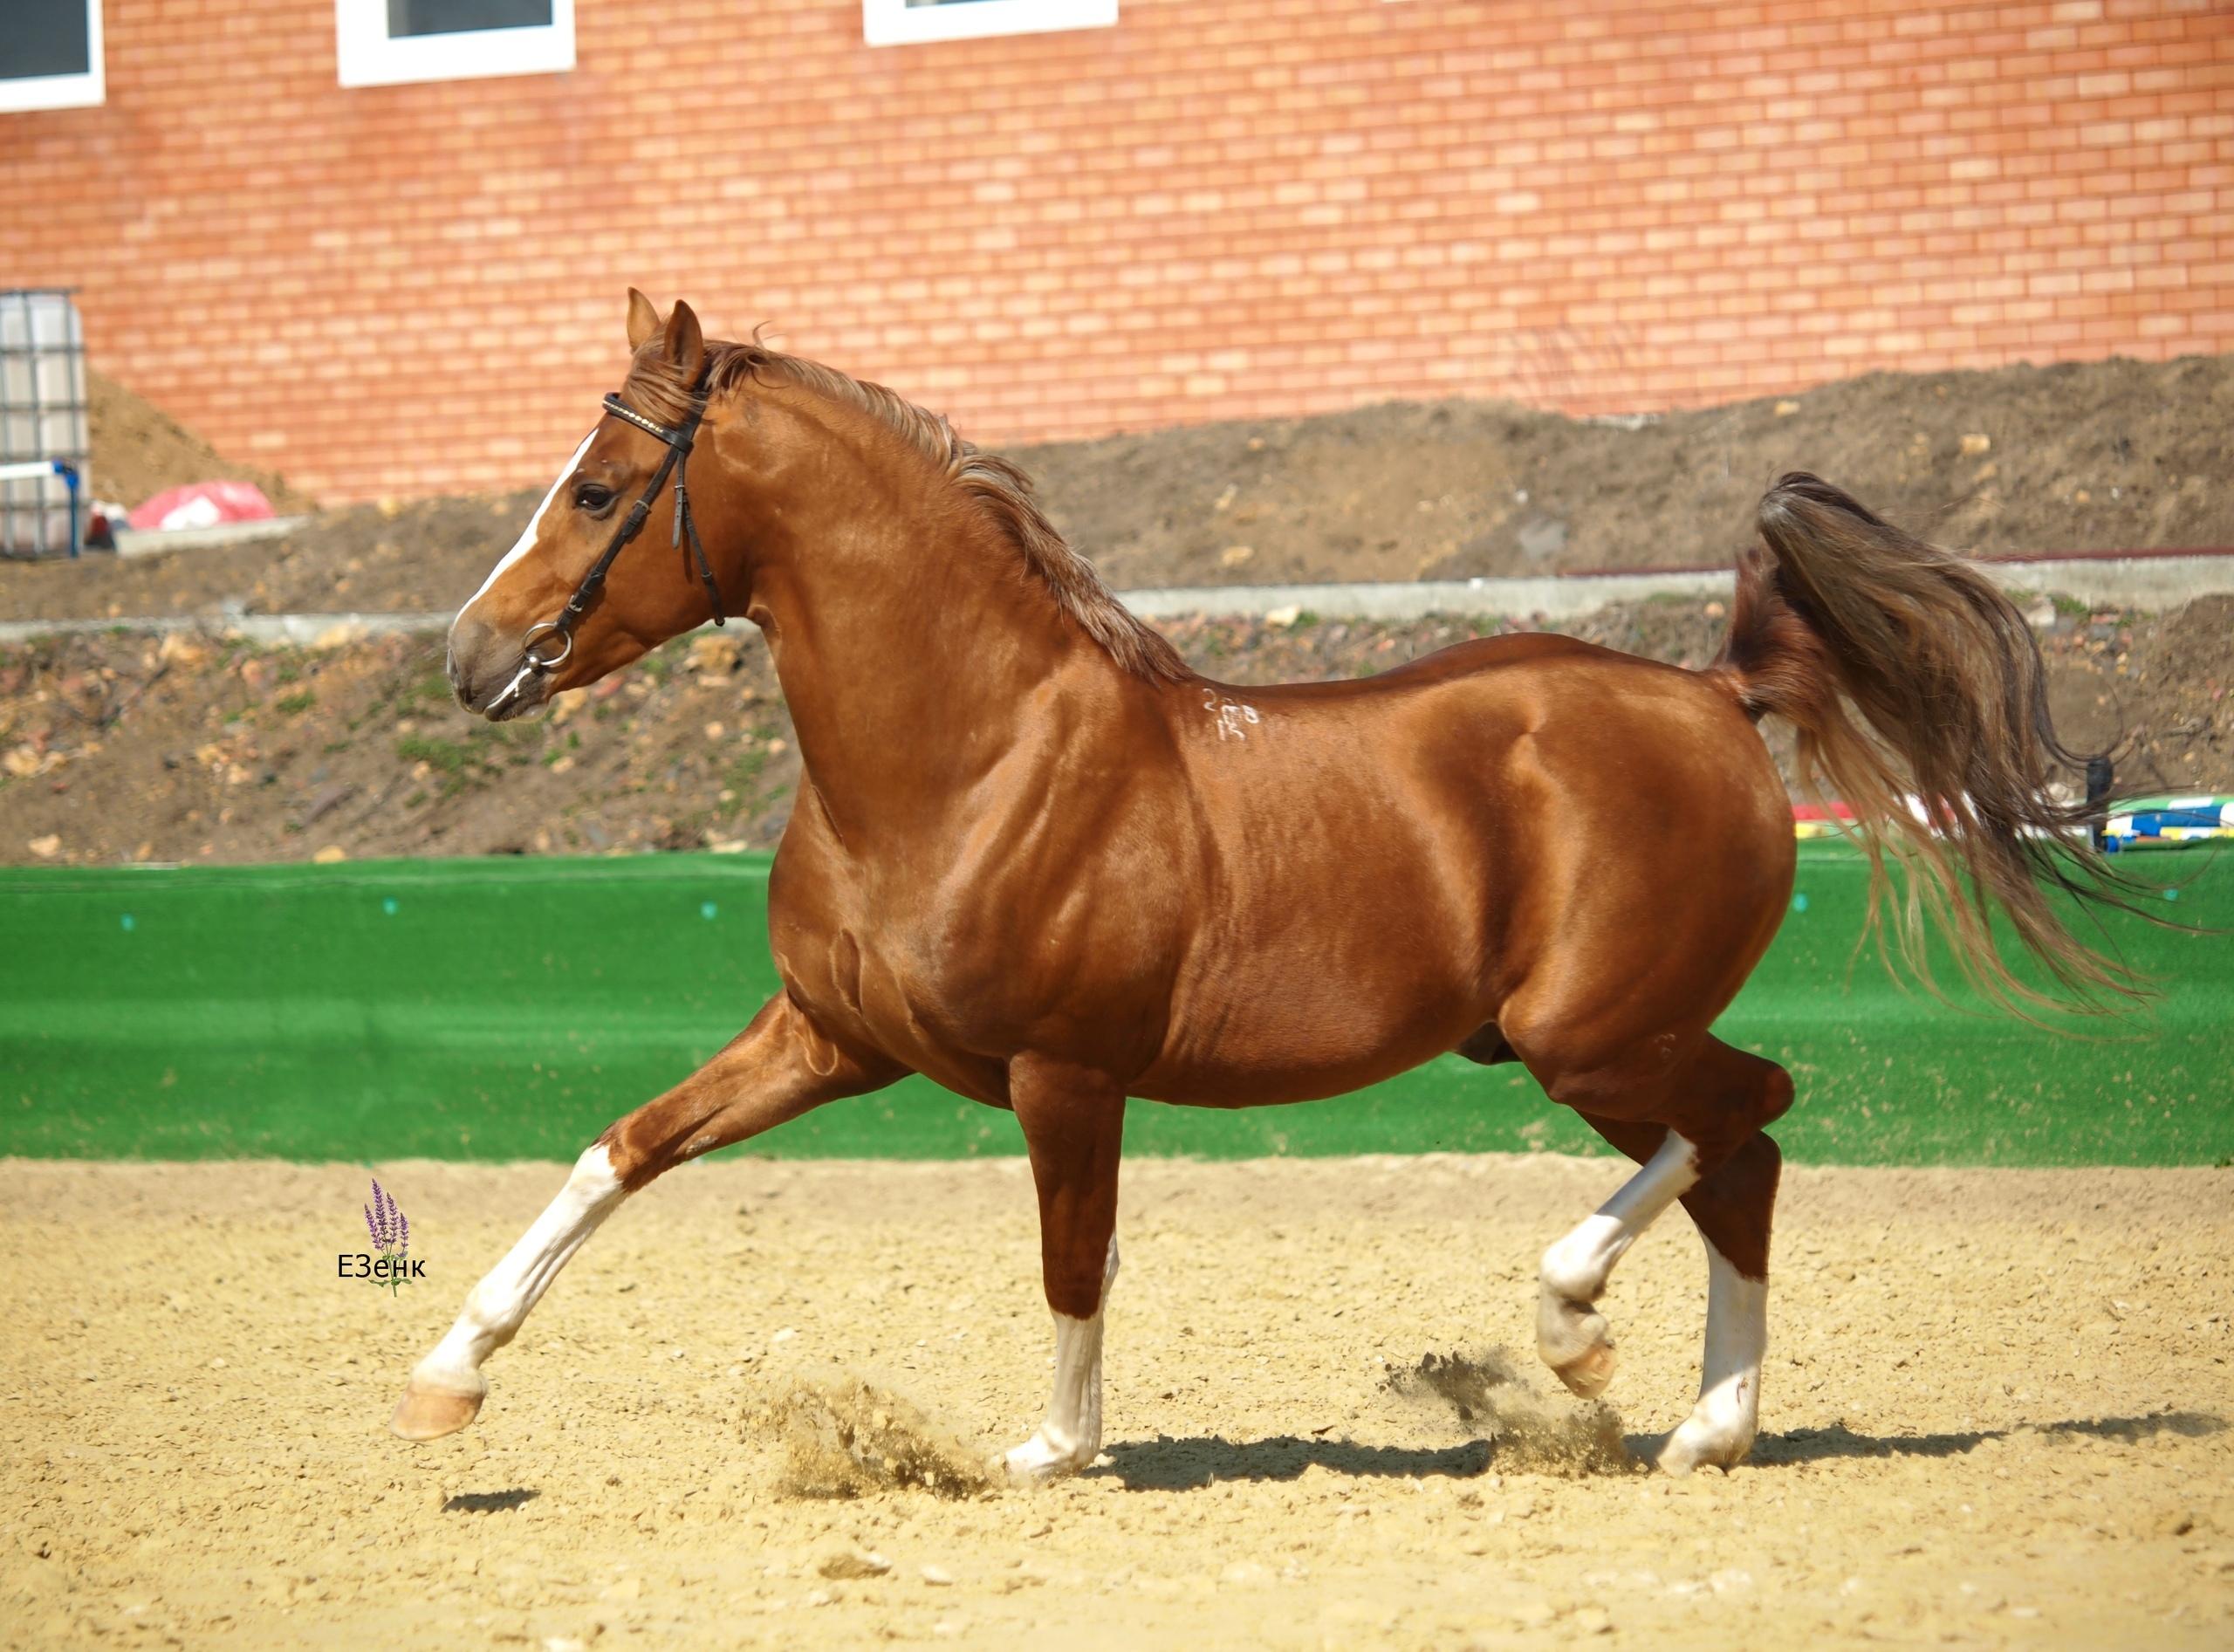 Донская лошадь — настоящее золото донских степей